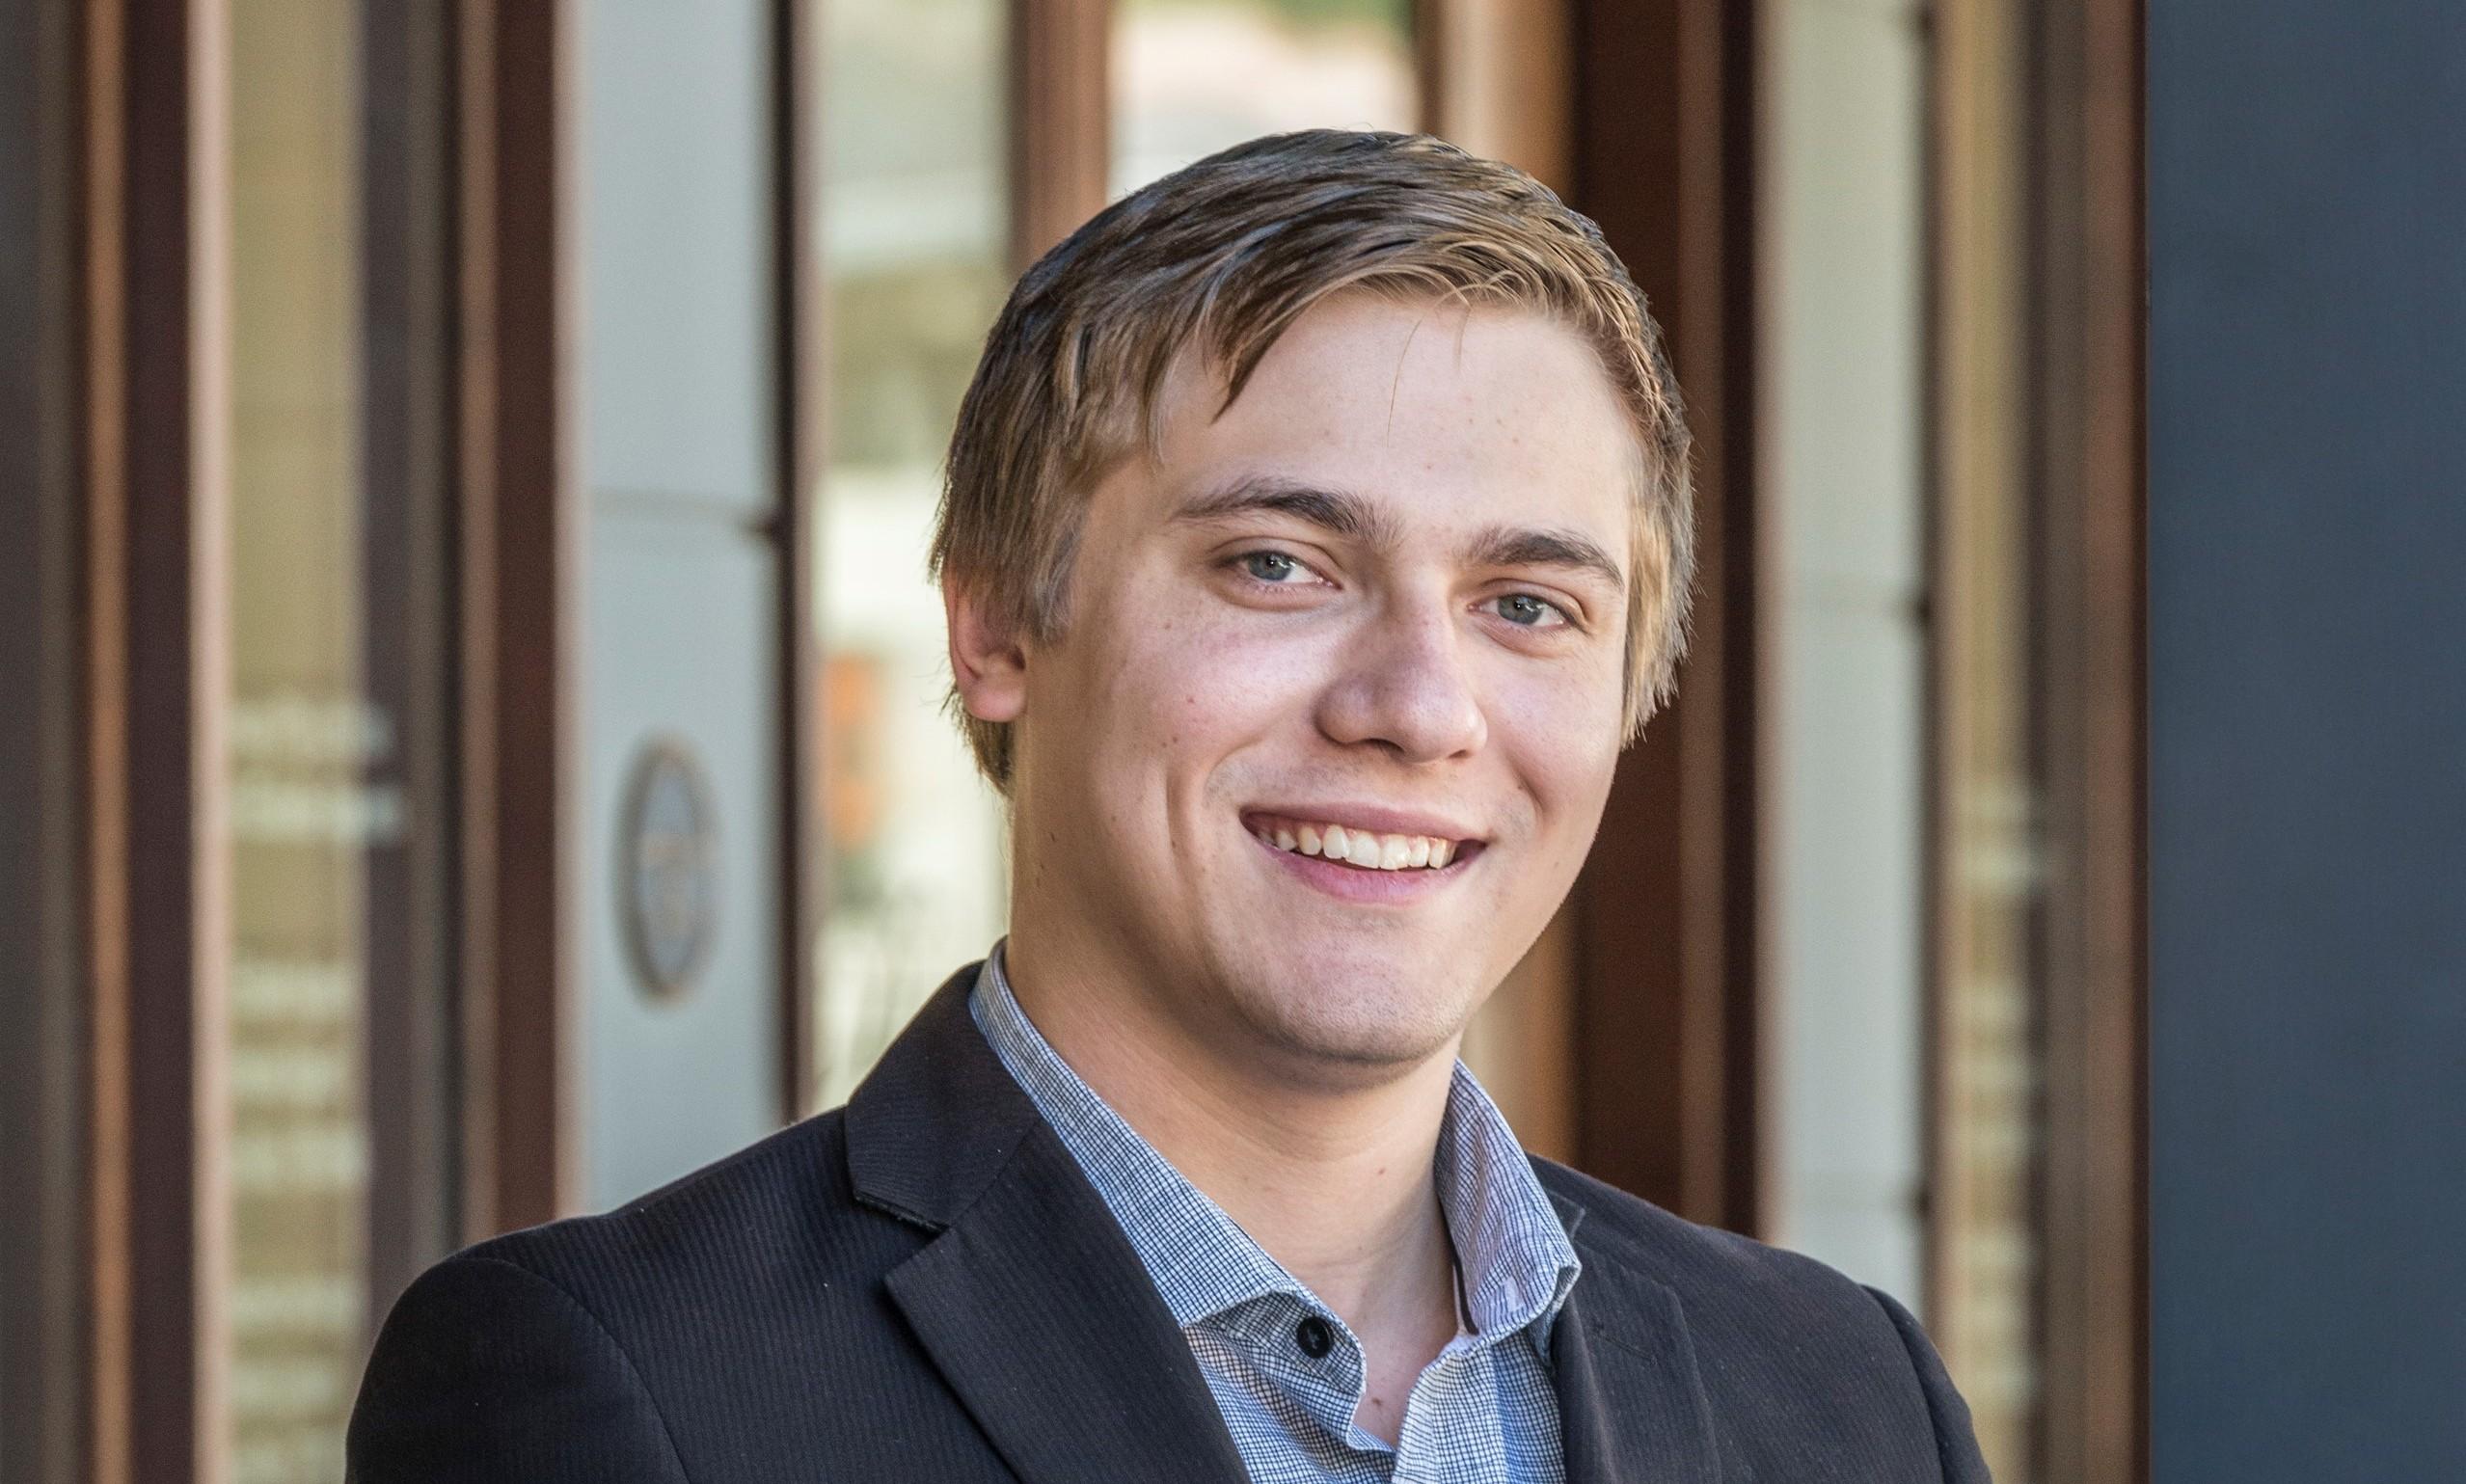 Joshua Sloss